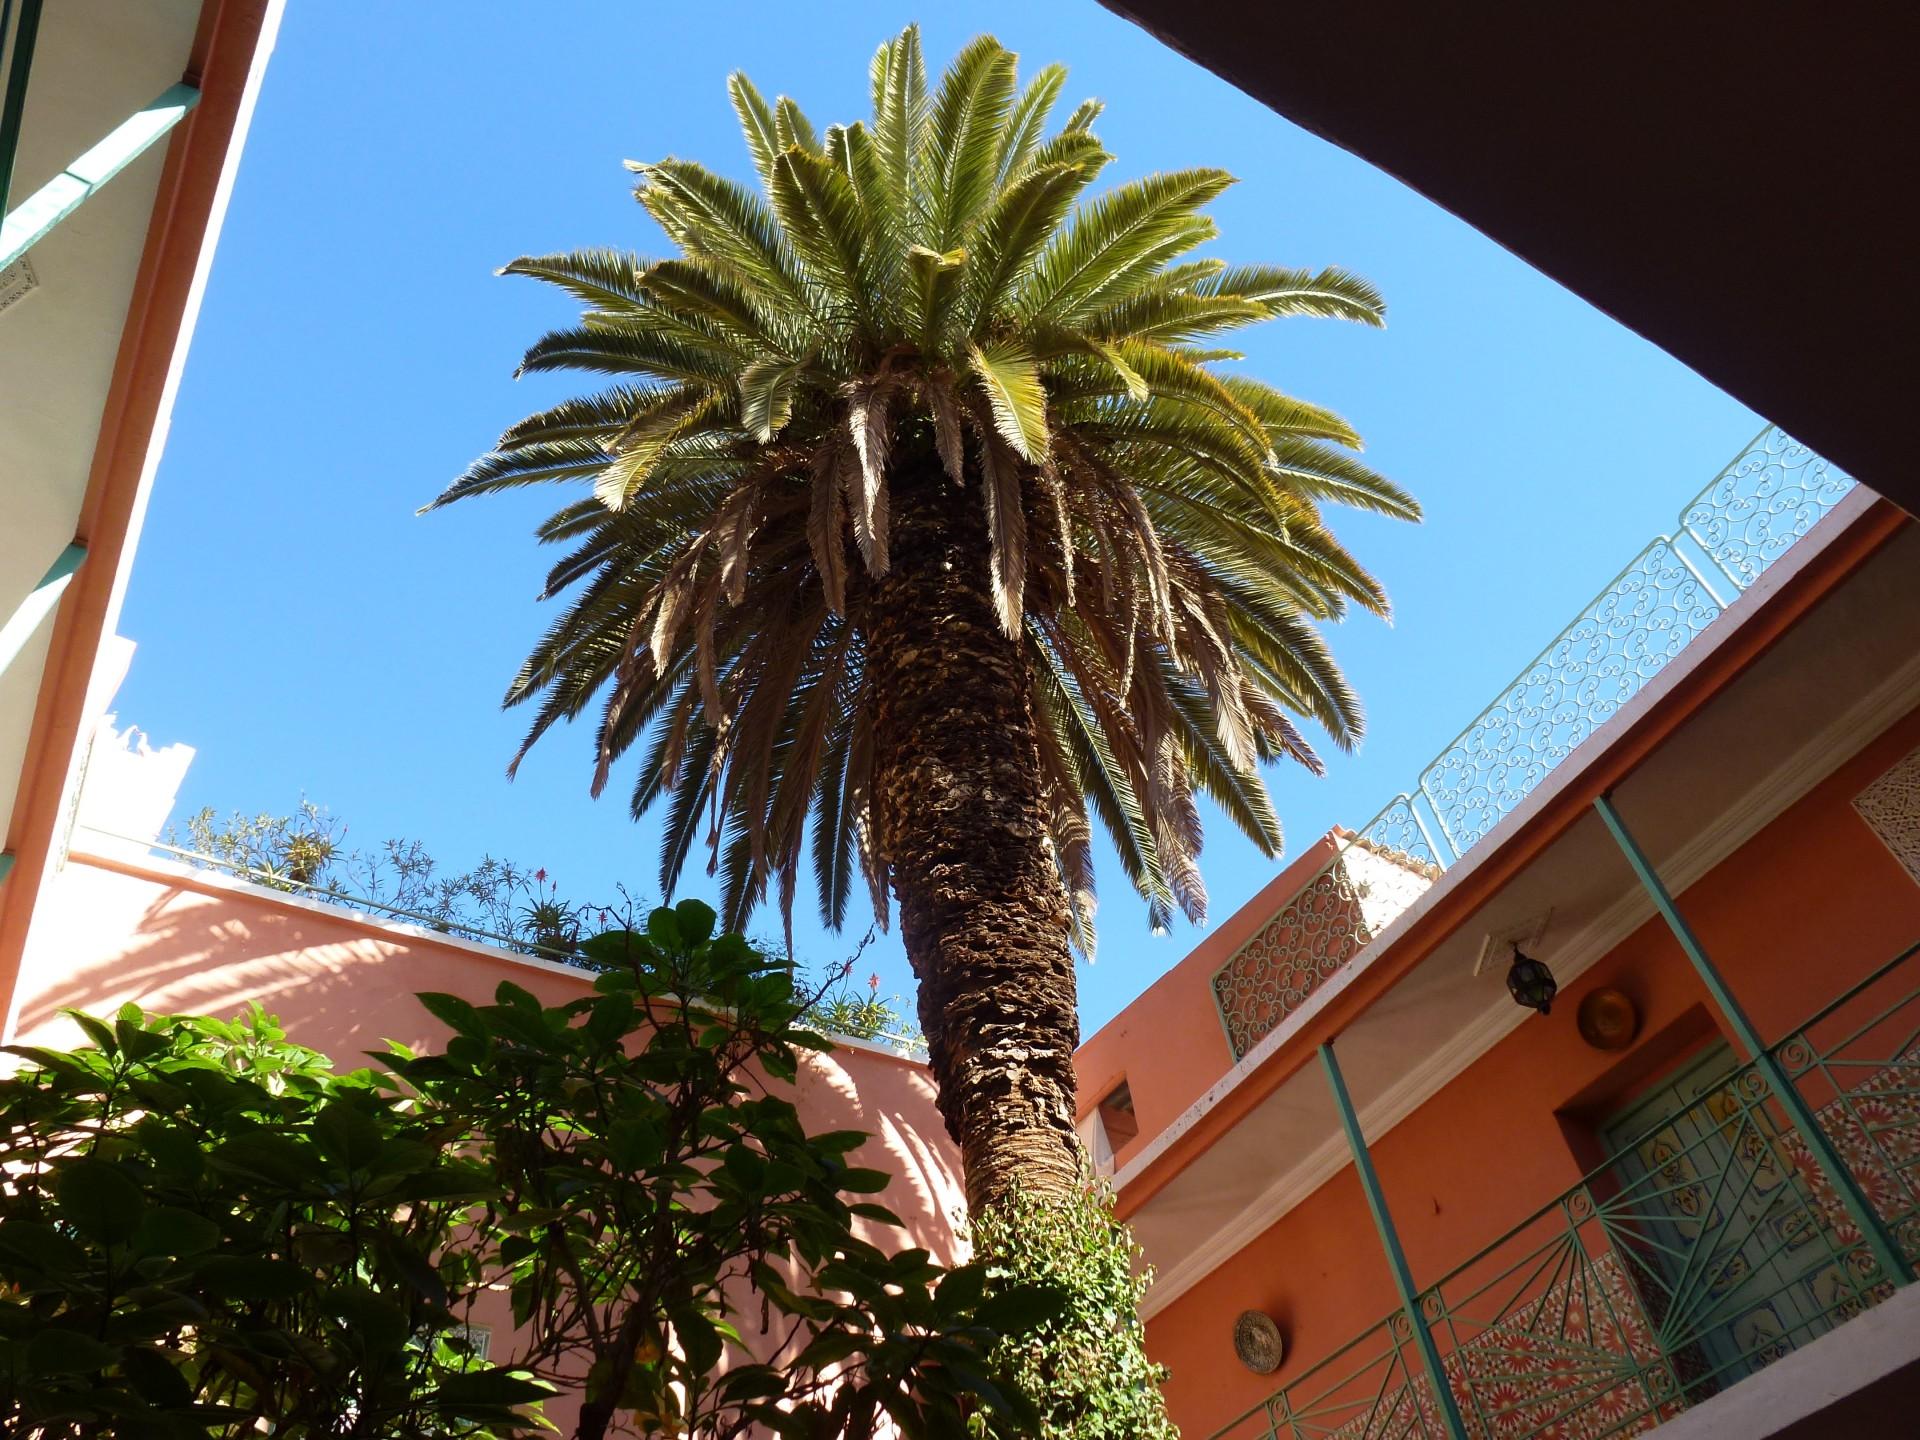 Hotel Jemaa El fna